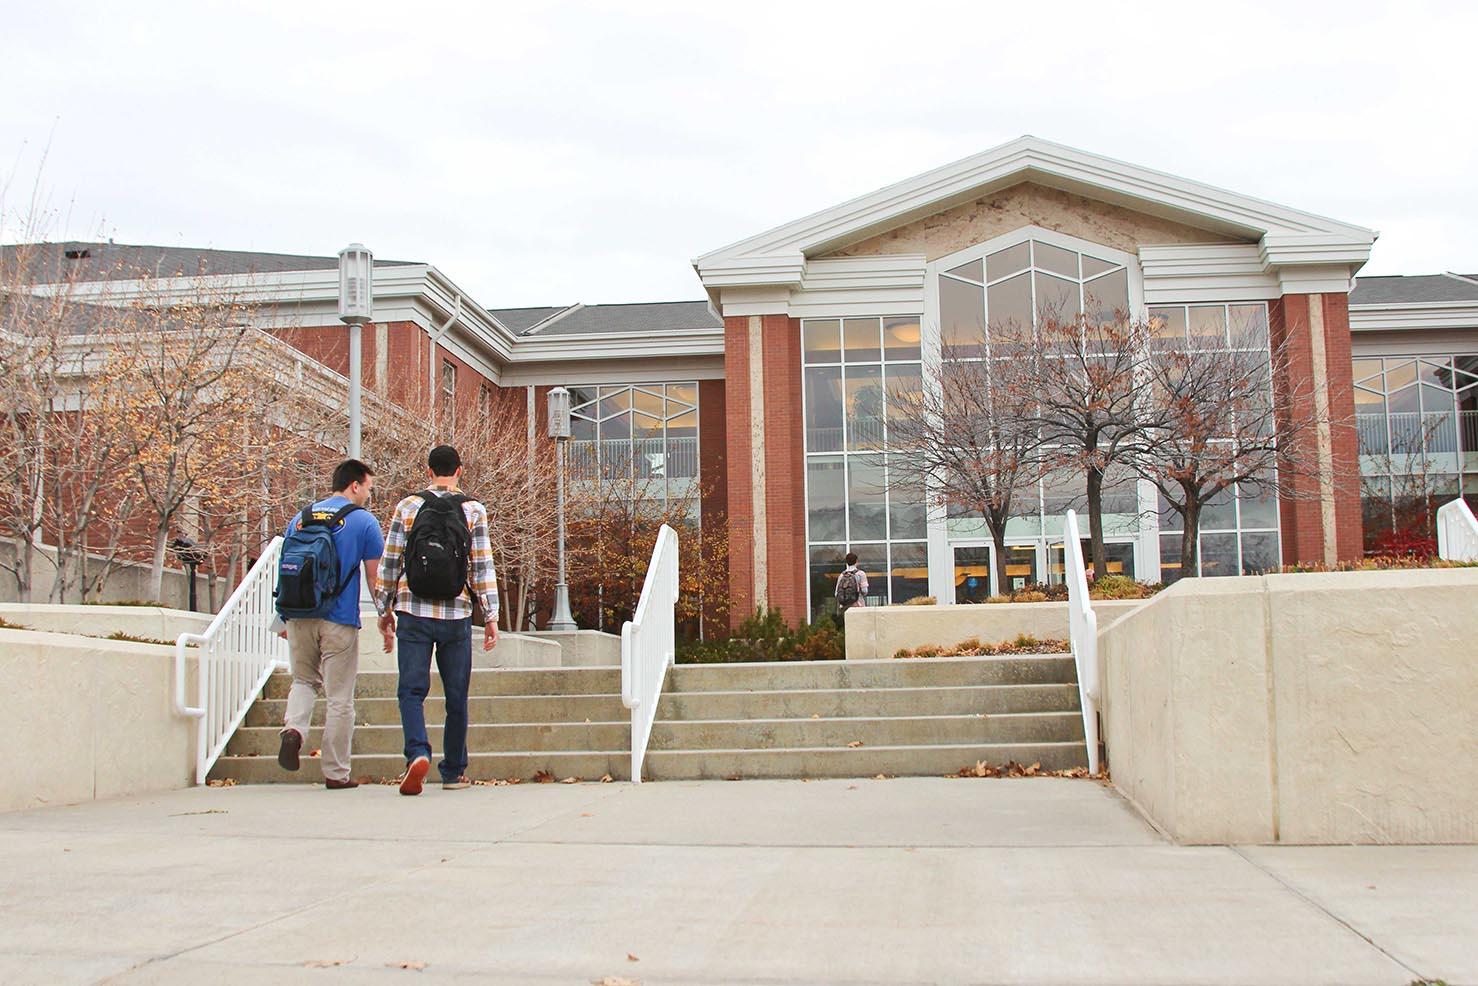 Étudiants entrant dans une école